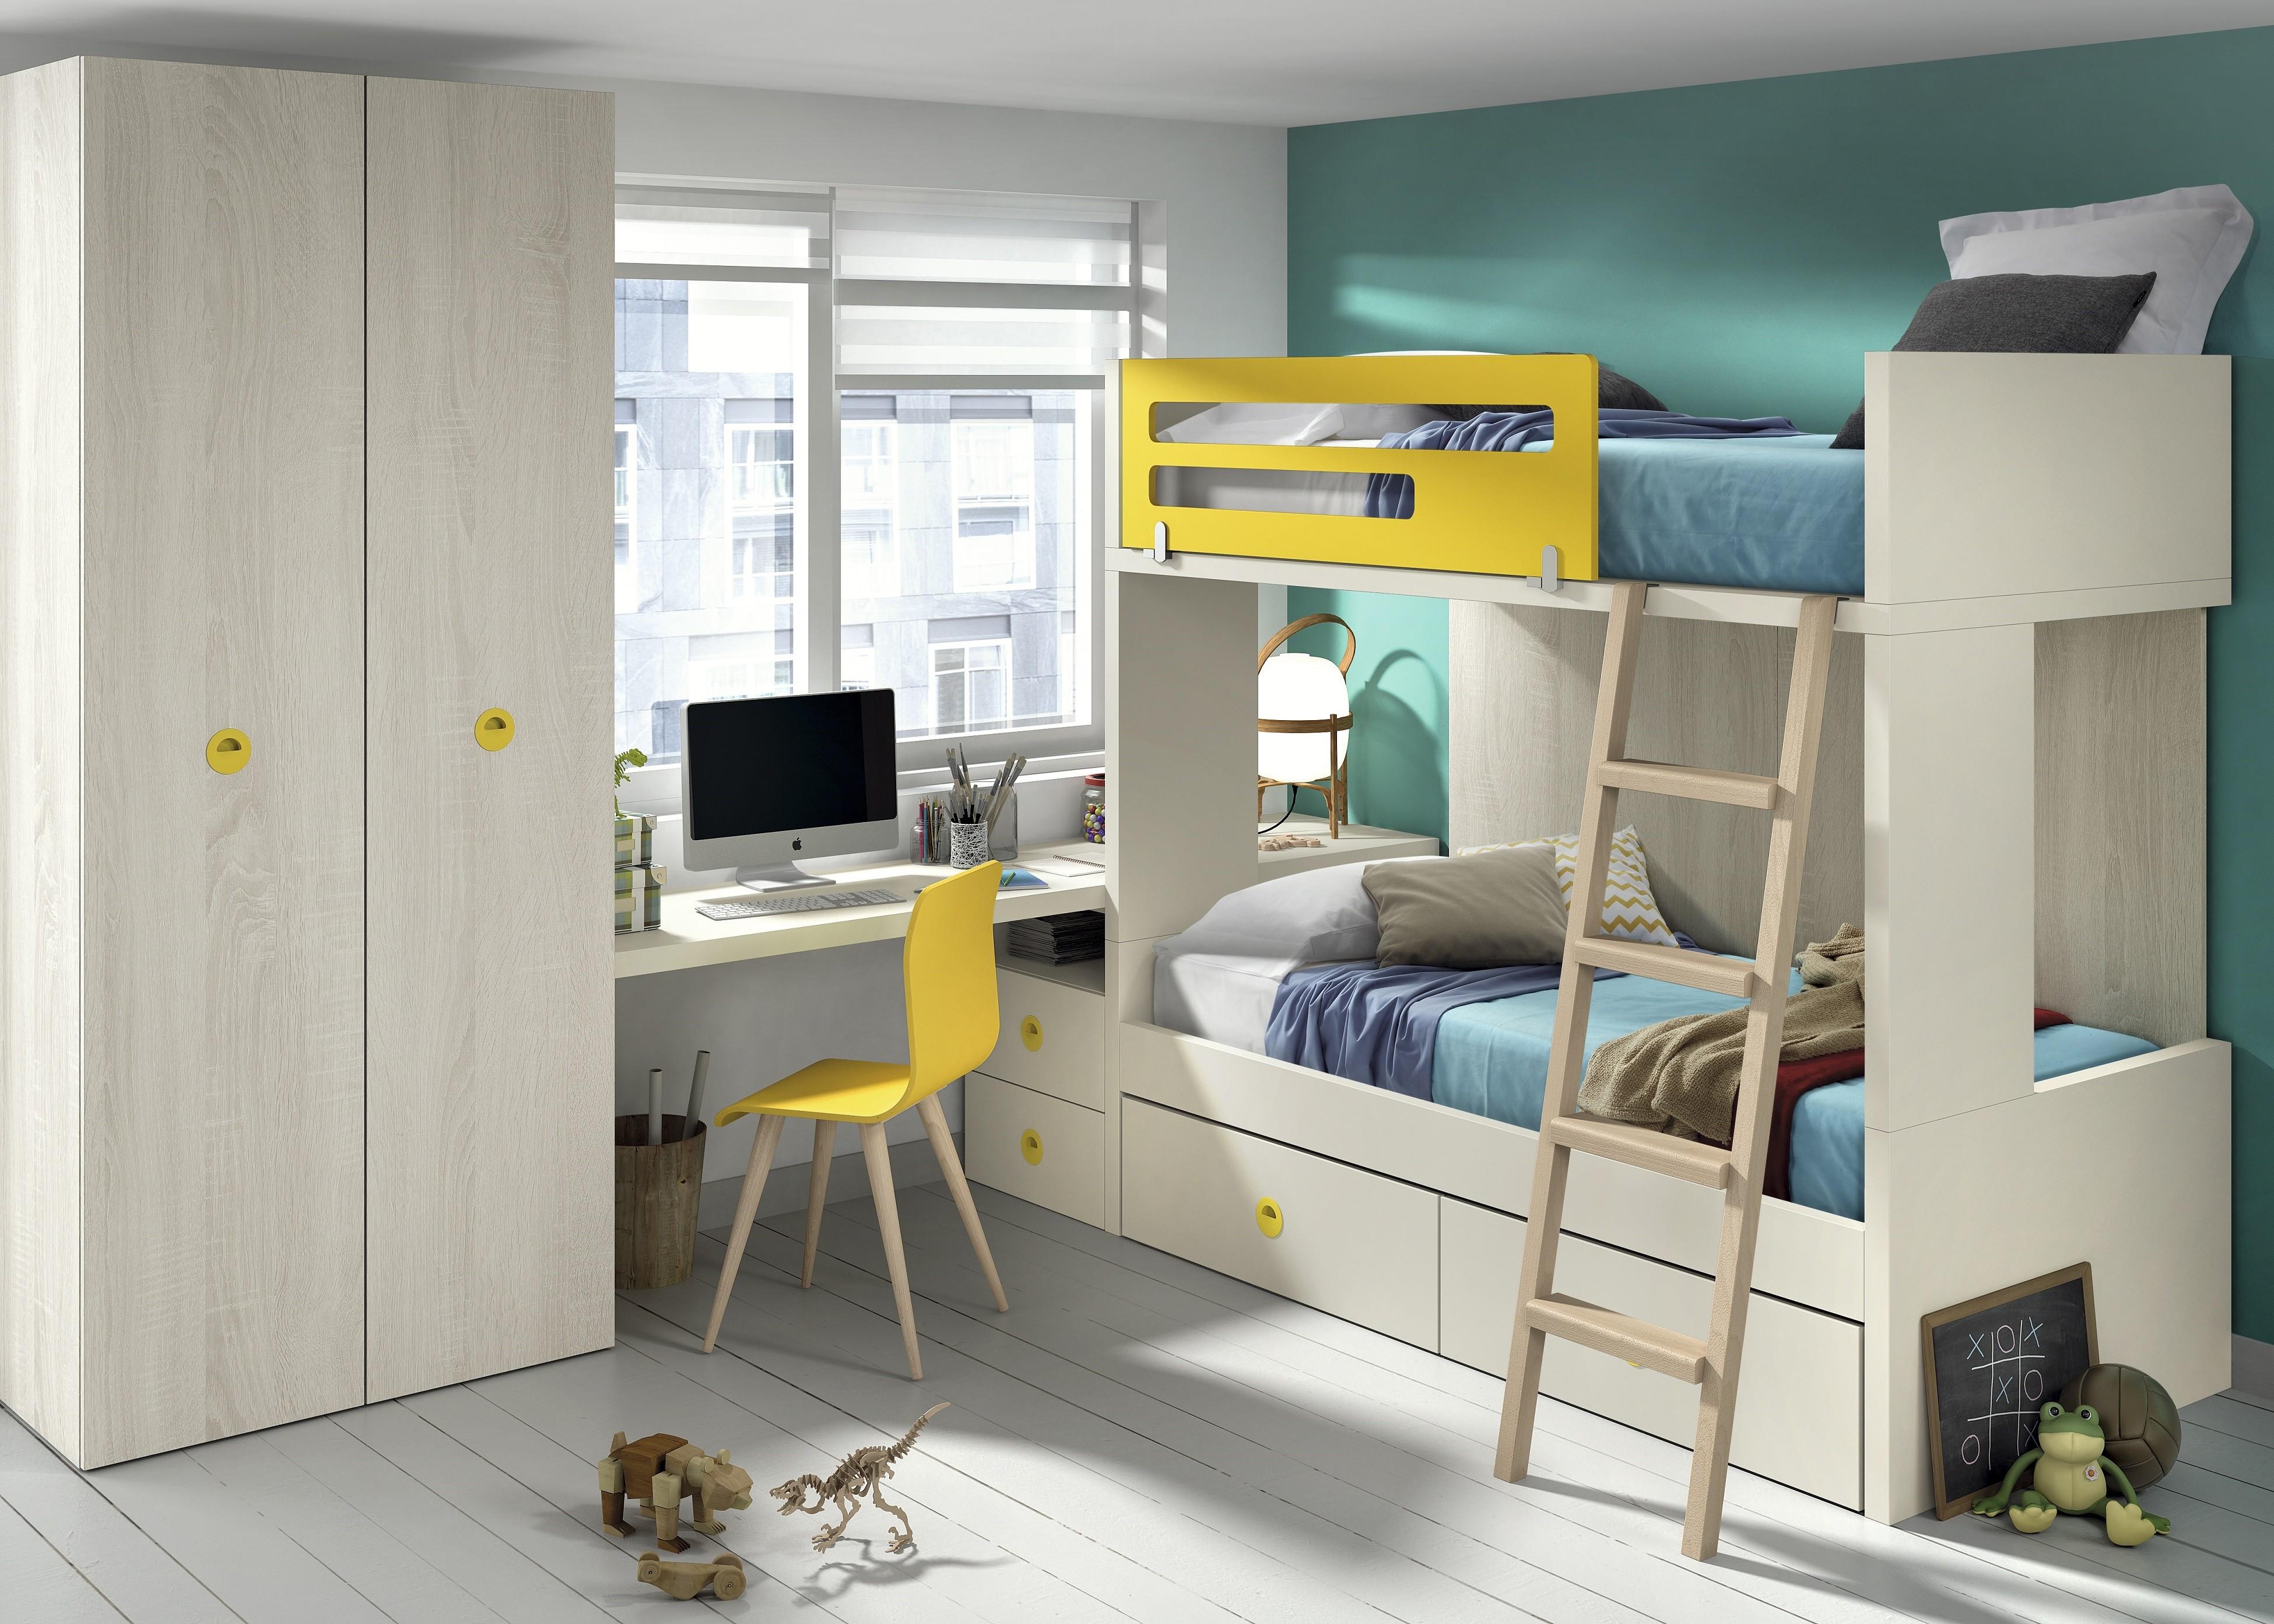 Планировка детской с двухэтажной кроватью